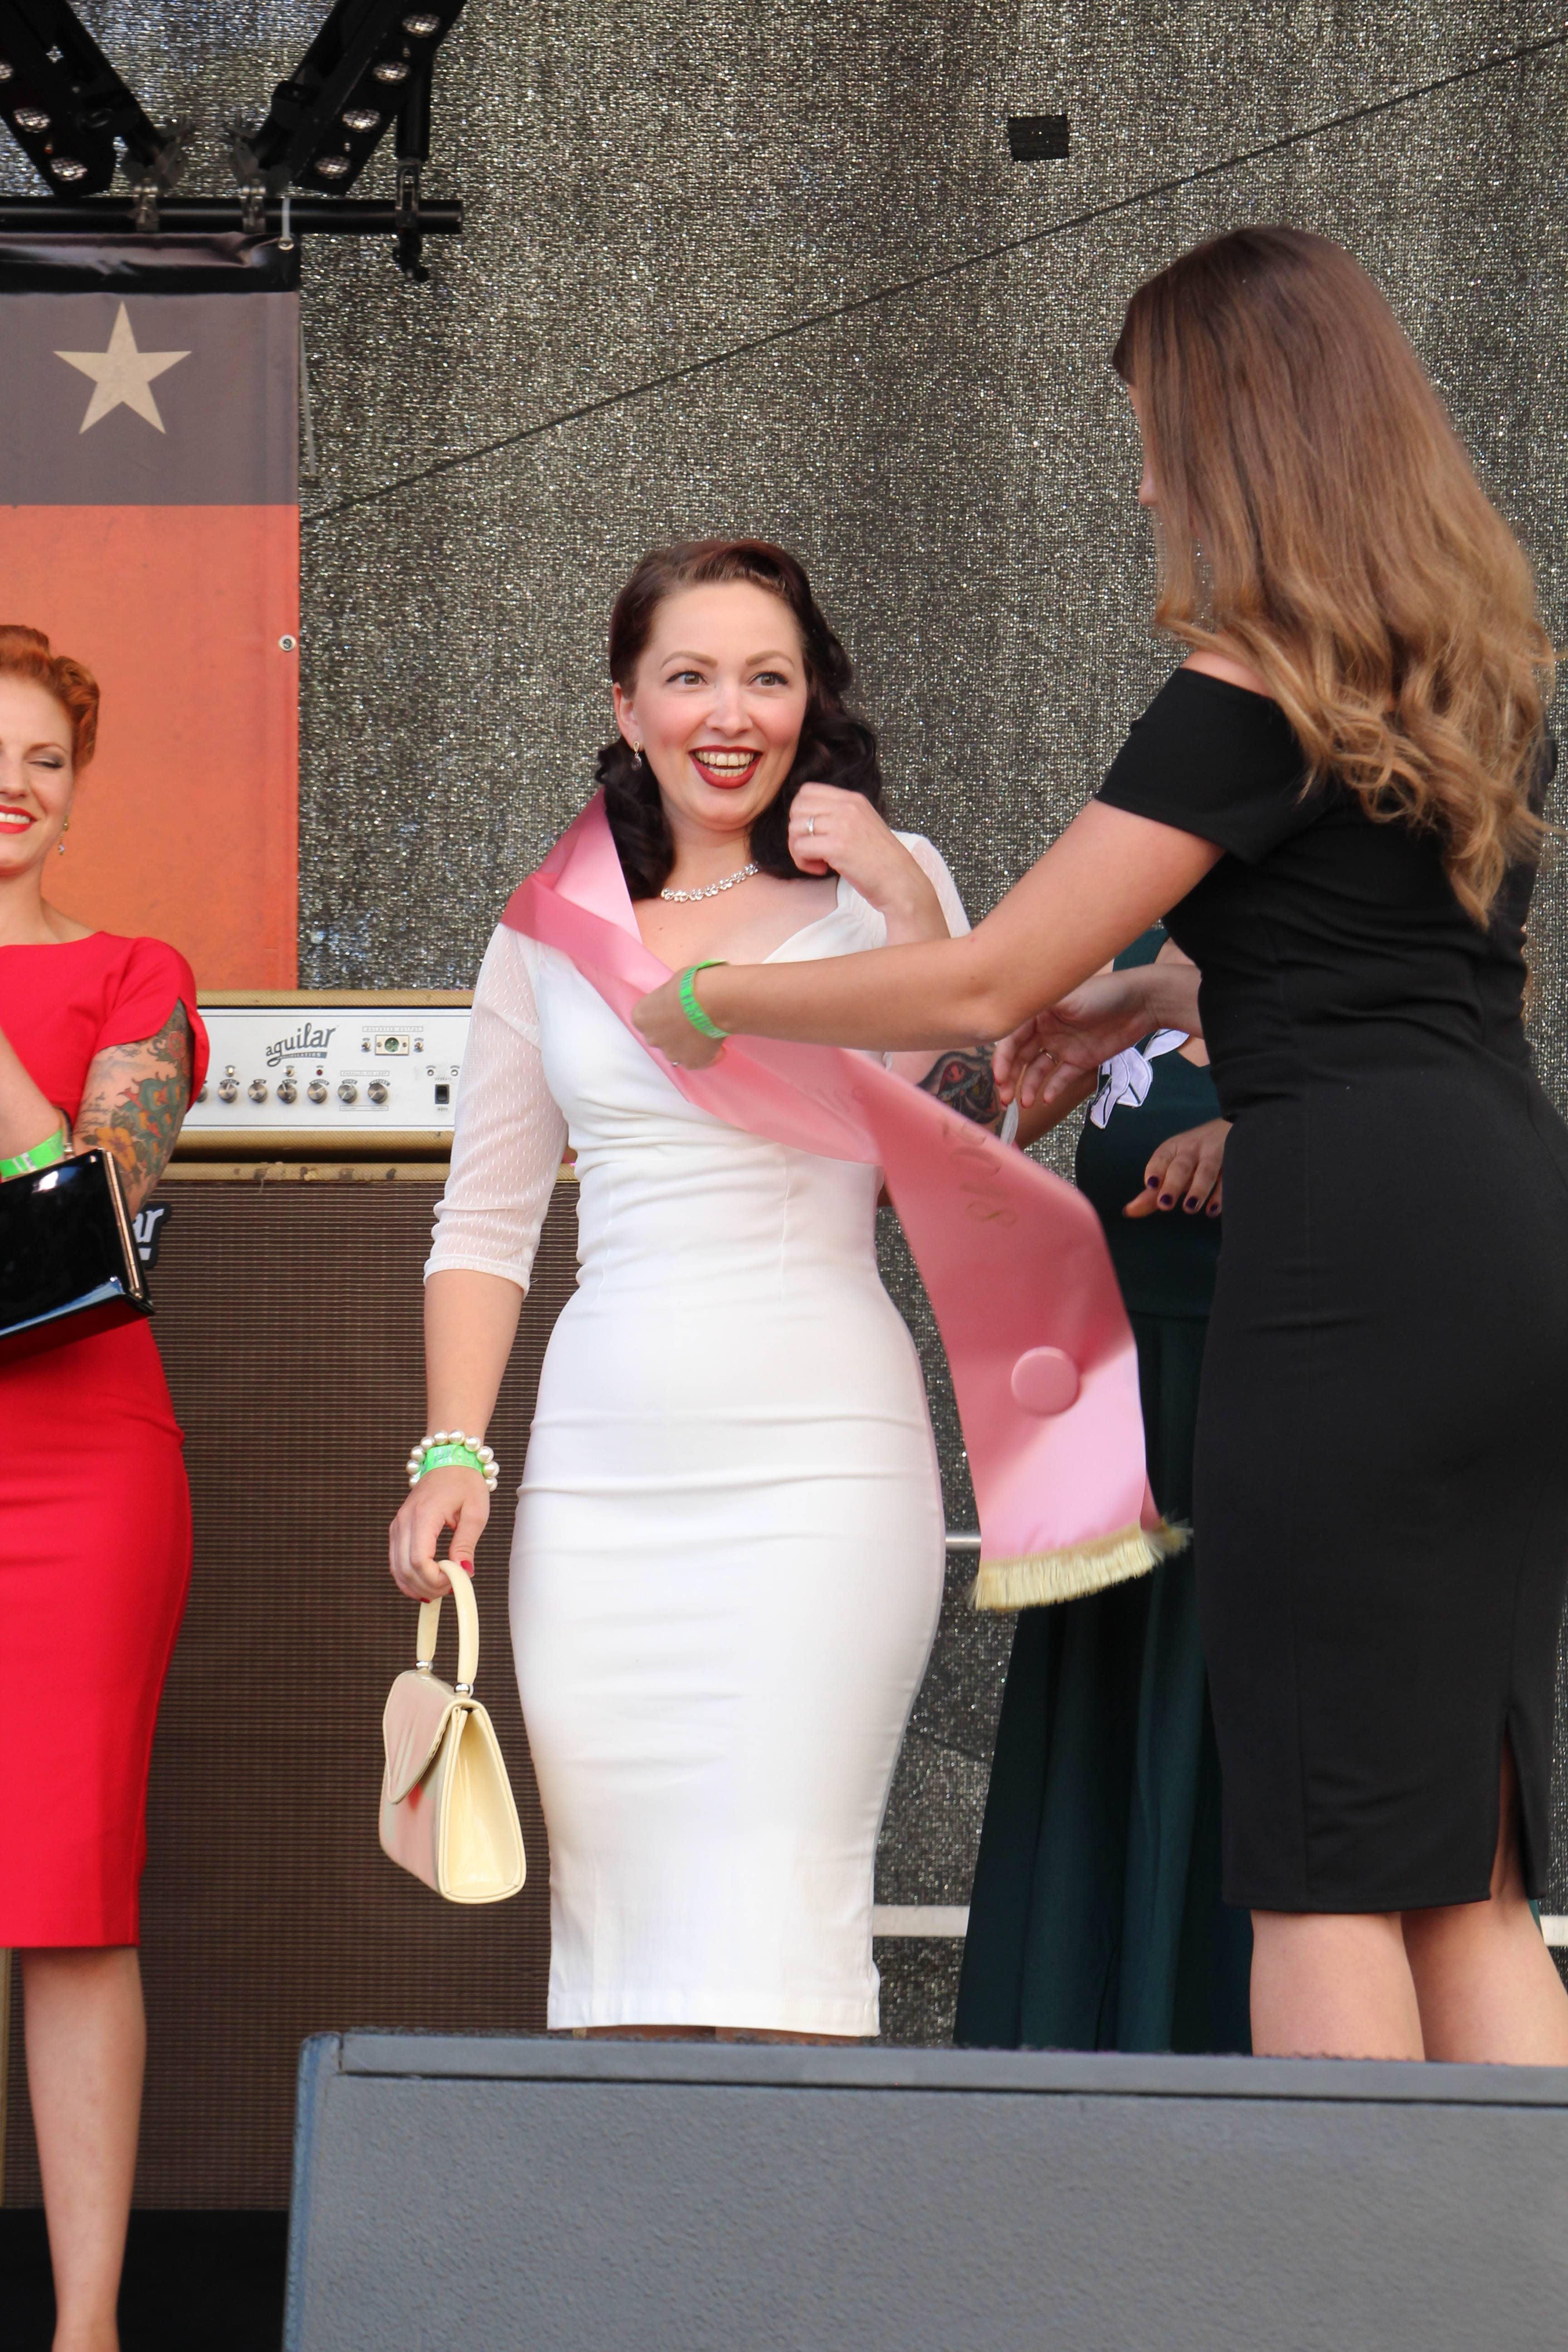 Lisa Carter Cash kann es kaum fassen, dass sie die neue Miss Vintage Flaneur ist!